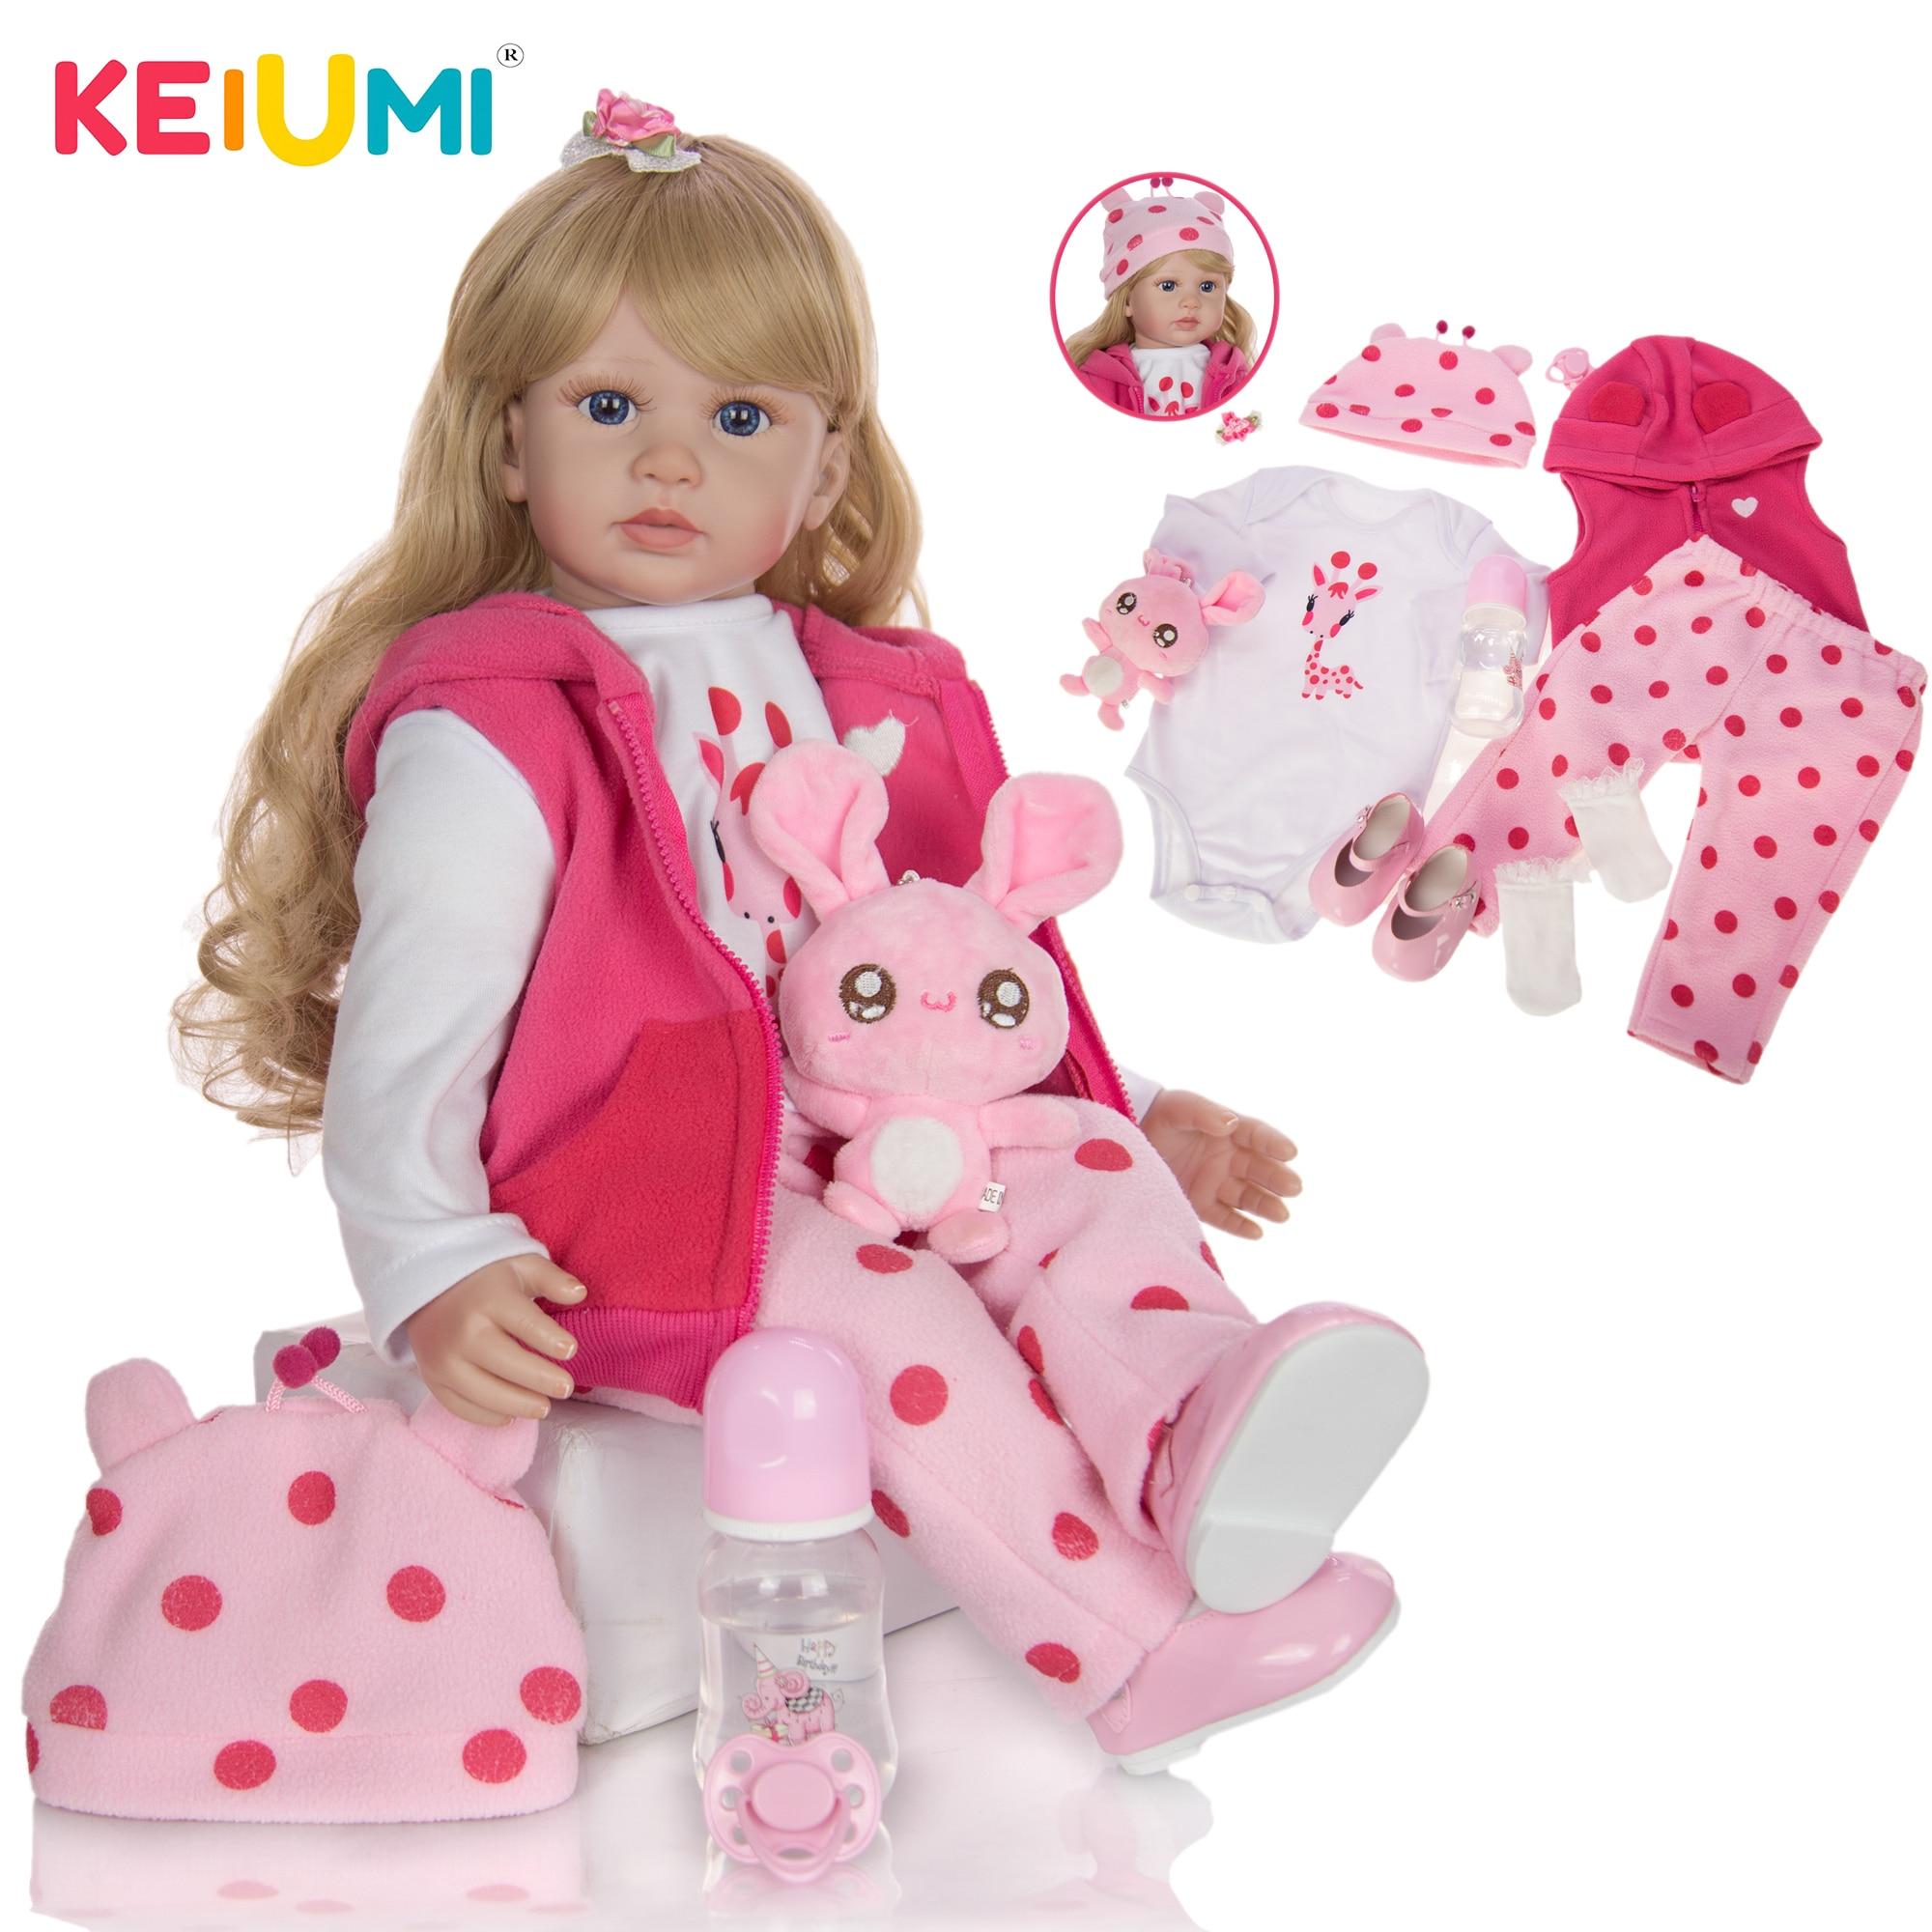 KEIUMI 24 дюйма милые куклы Reborn для малышей 60 см мягкие тканевые виниловые золотые локоны для тела Детские куклы Reborns игрушки для подарка на день...